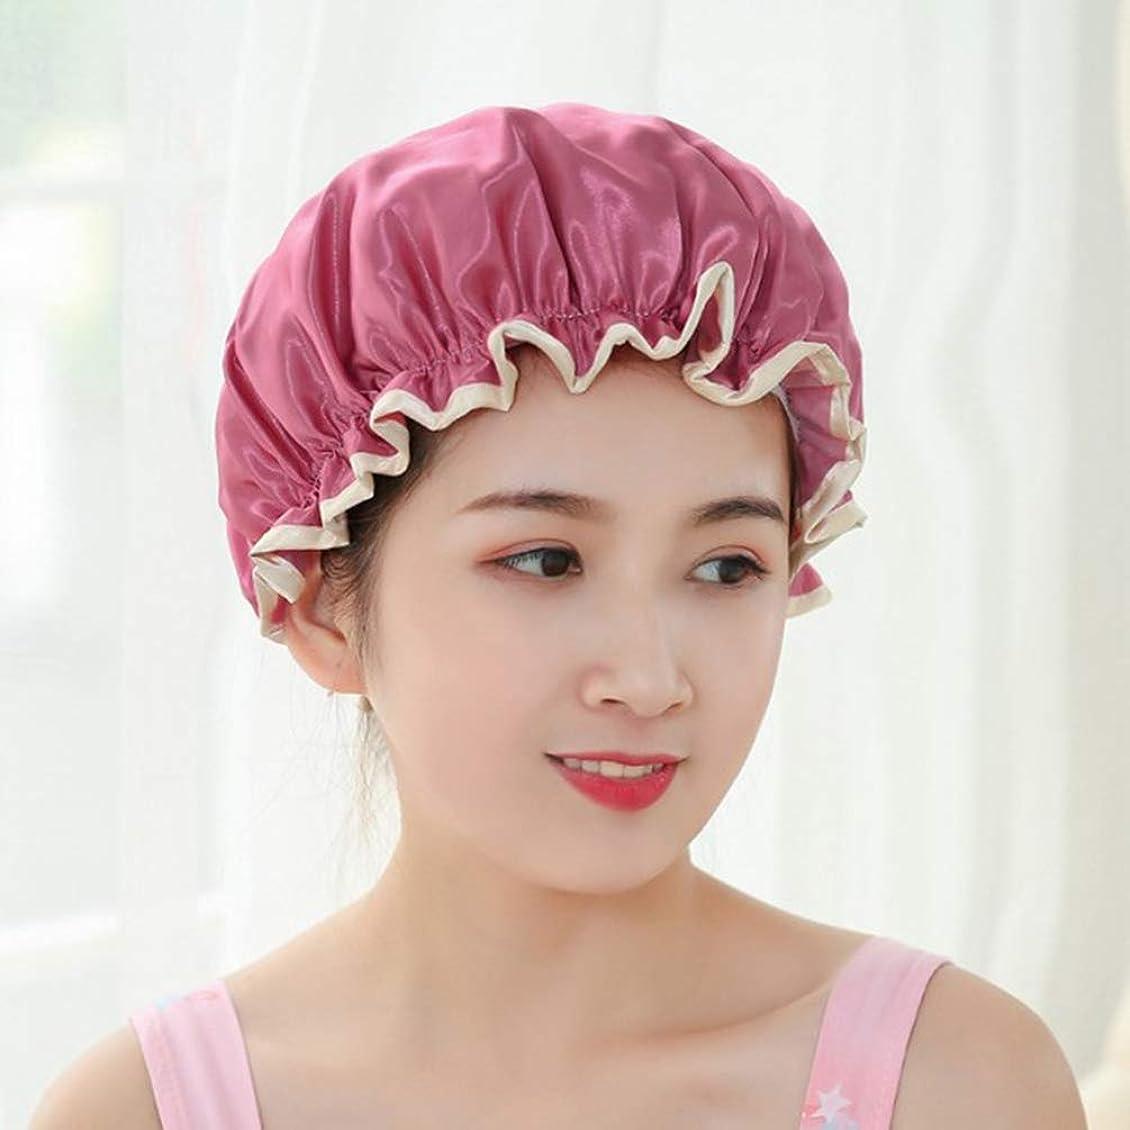 地震不公平フィールド(ライチ) Lychee (ライチ) Lychee 紫色 フリーサイズ シャワーキャップ 防水帽 入浴キャップ バスキャップ お風呂用 シャワー用 浴用帽子 可愛い おしゃれ 便利 繰り返し使用可能